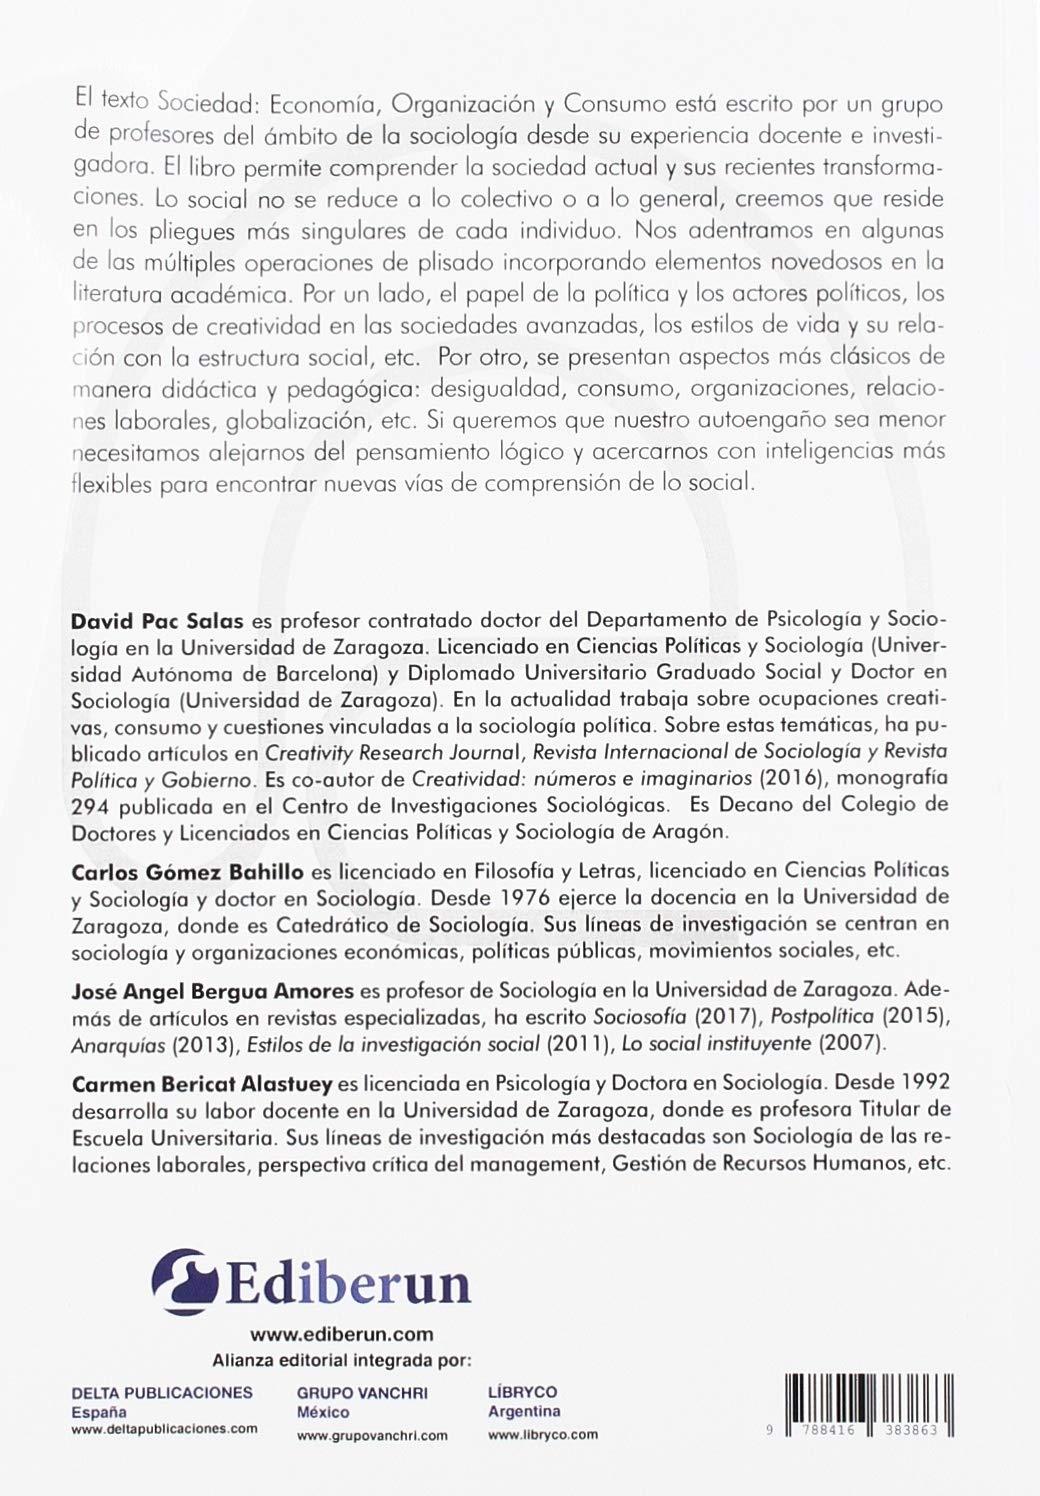 SOCIEDAD: ECONOMÍA; ORGANIZACIÓN Y CONSUMO: Amazon.es: Pac Salas, David, Gómez Barillo, Carlos, Bergua Amores, José Ángel, Bericat Alastuey, Carmen, Pac Salas, David: Libros